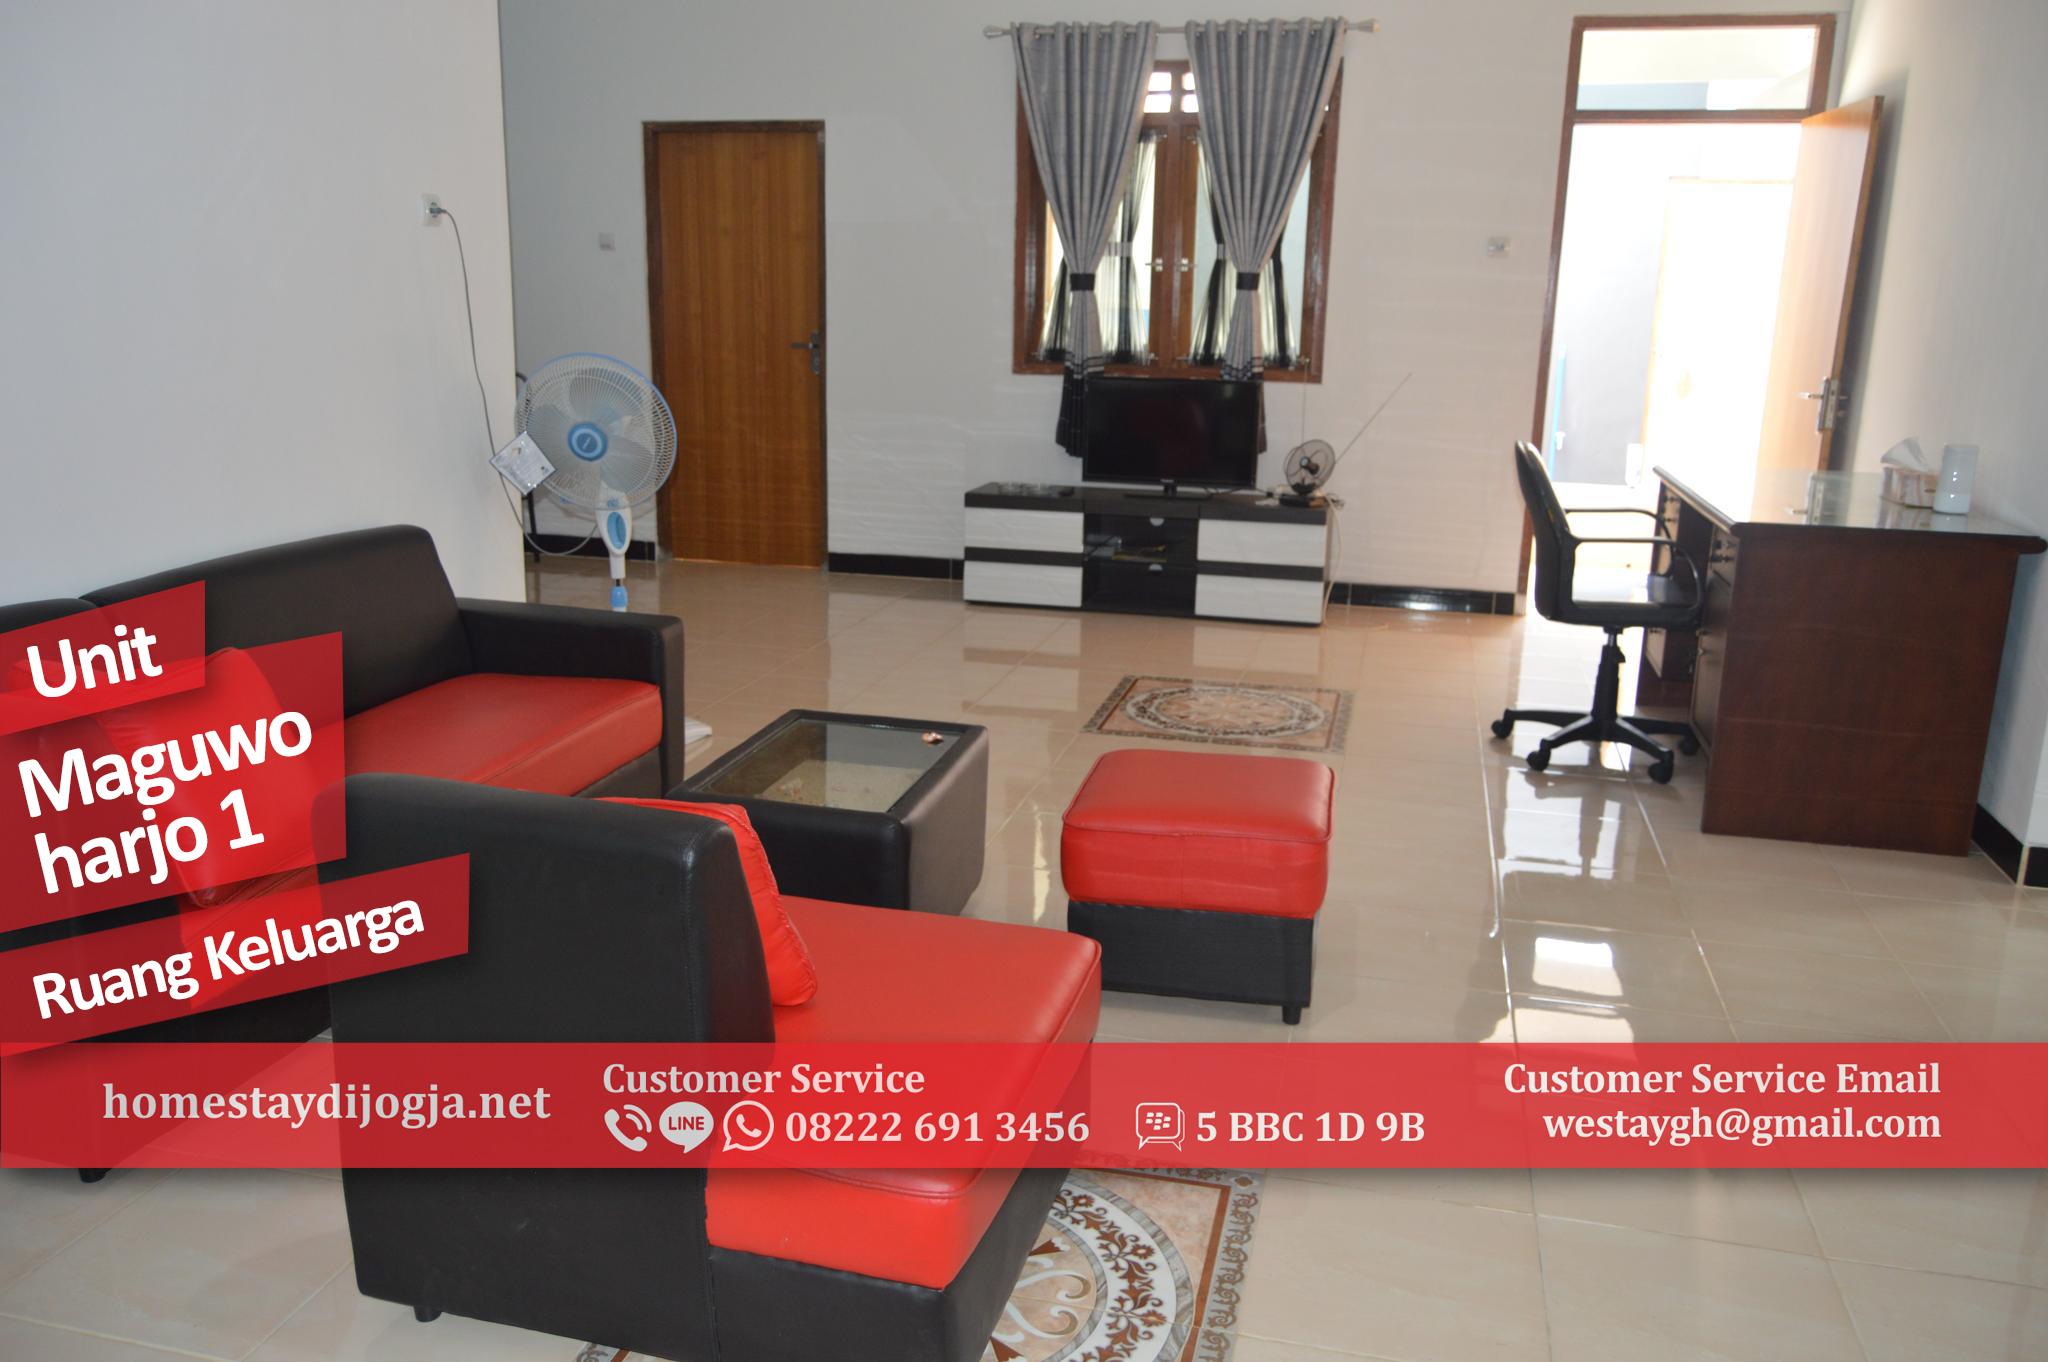 Penginapan Jogja 3 kamar AC di Maguwoharjo 10 menit menuju Bandara Adisucipto